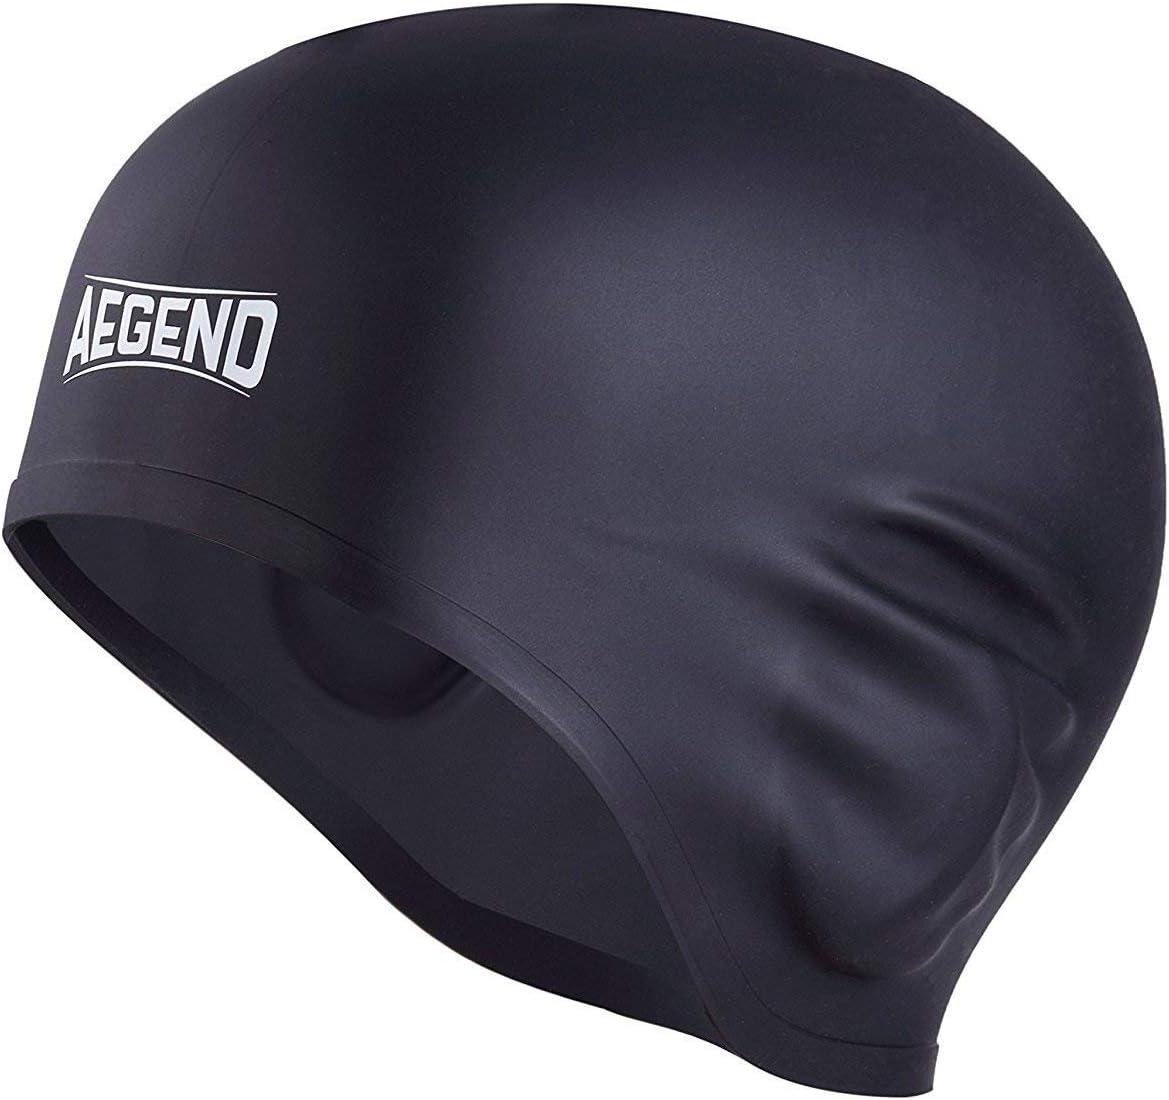 aegend Gorra de natación Negra para Adulto: Amazon.es: Deportes y aire libre